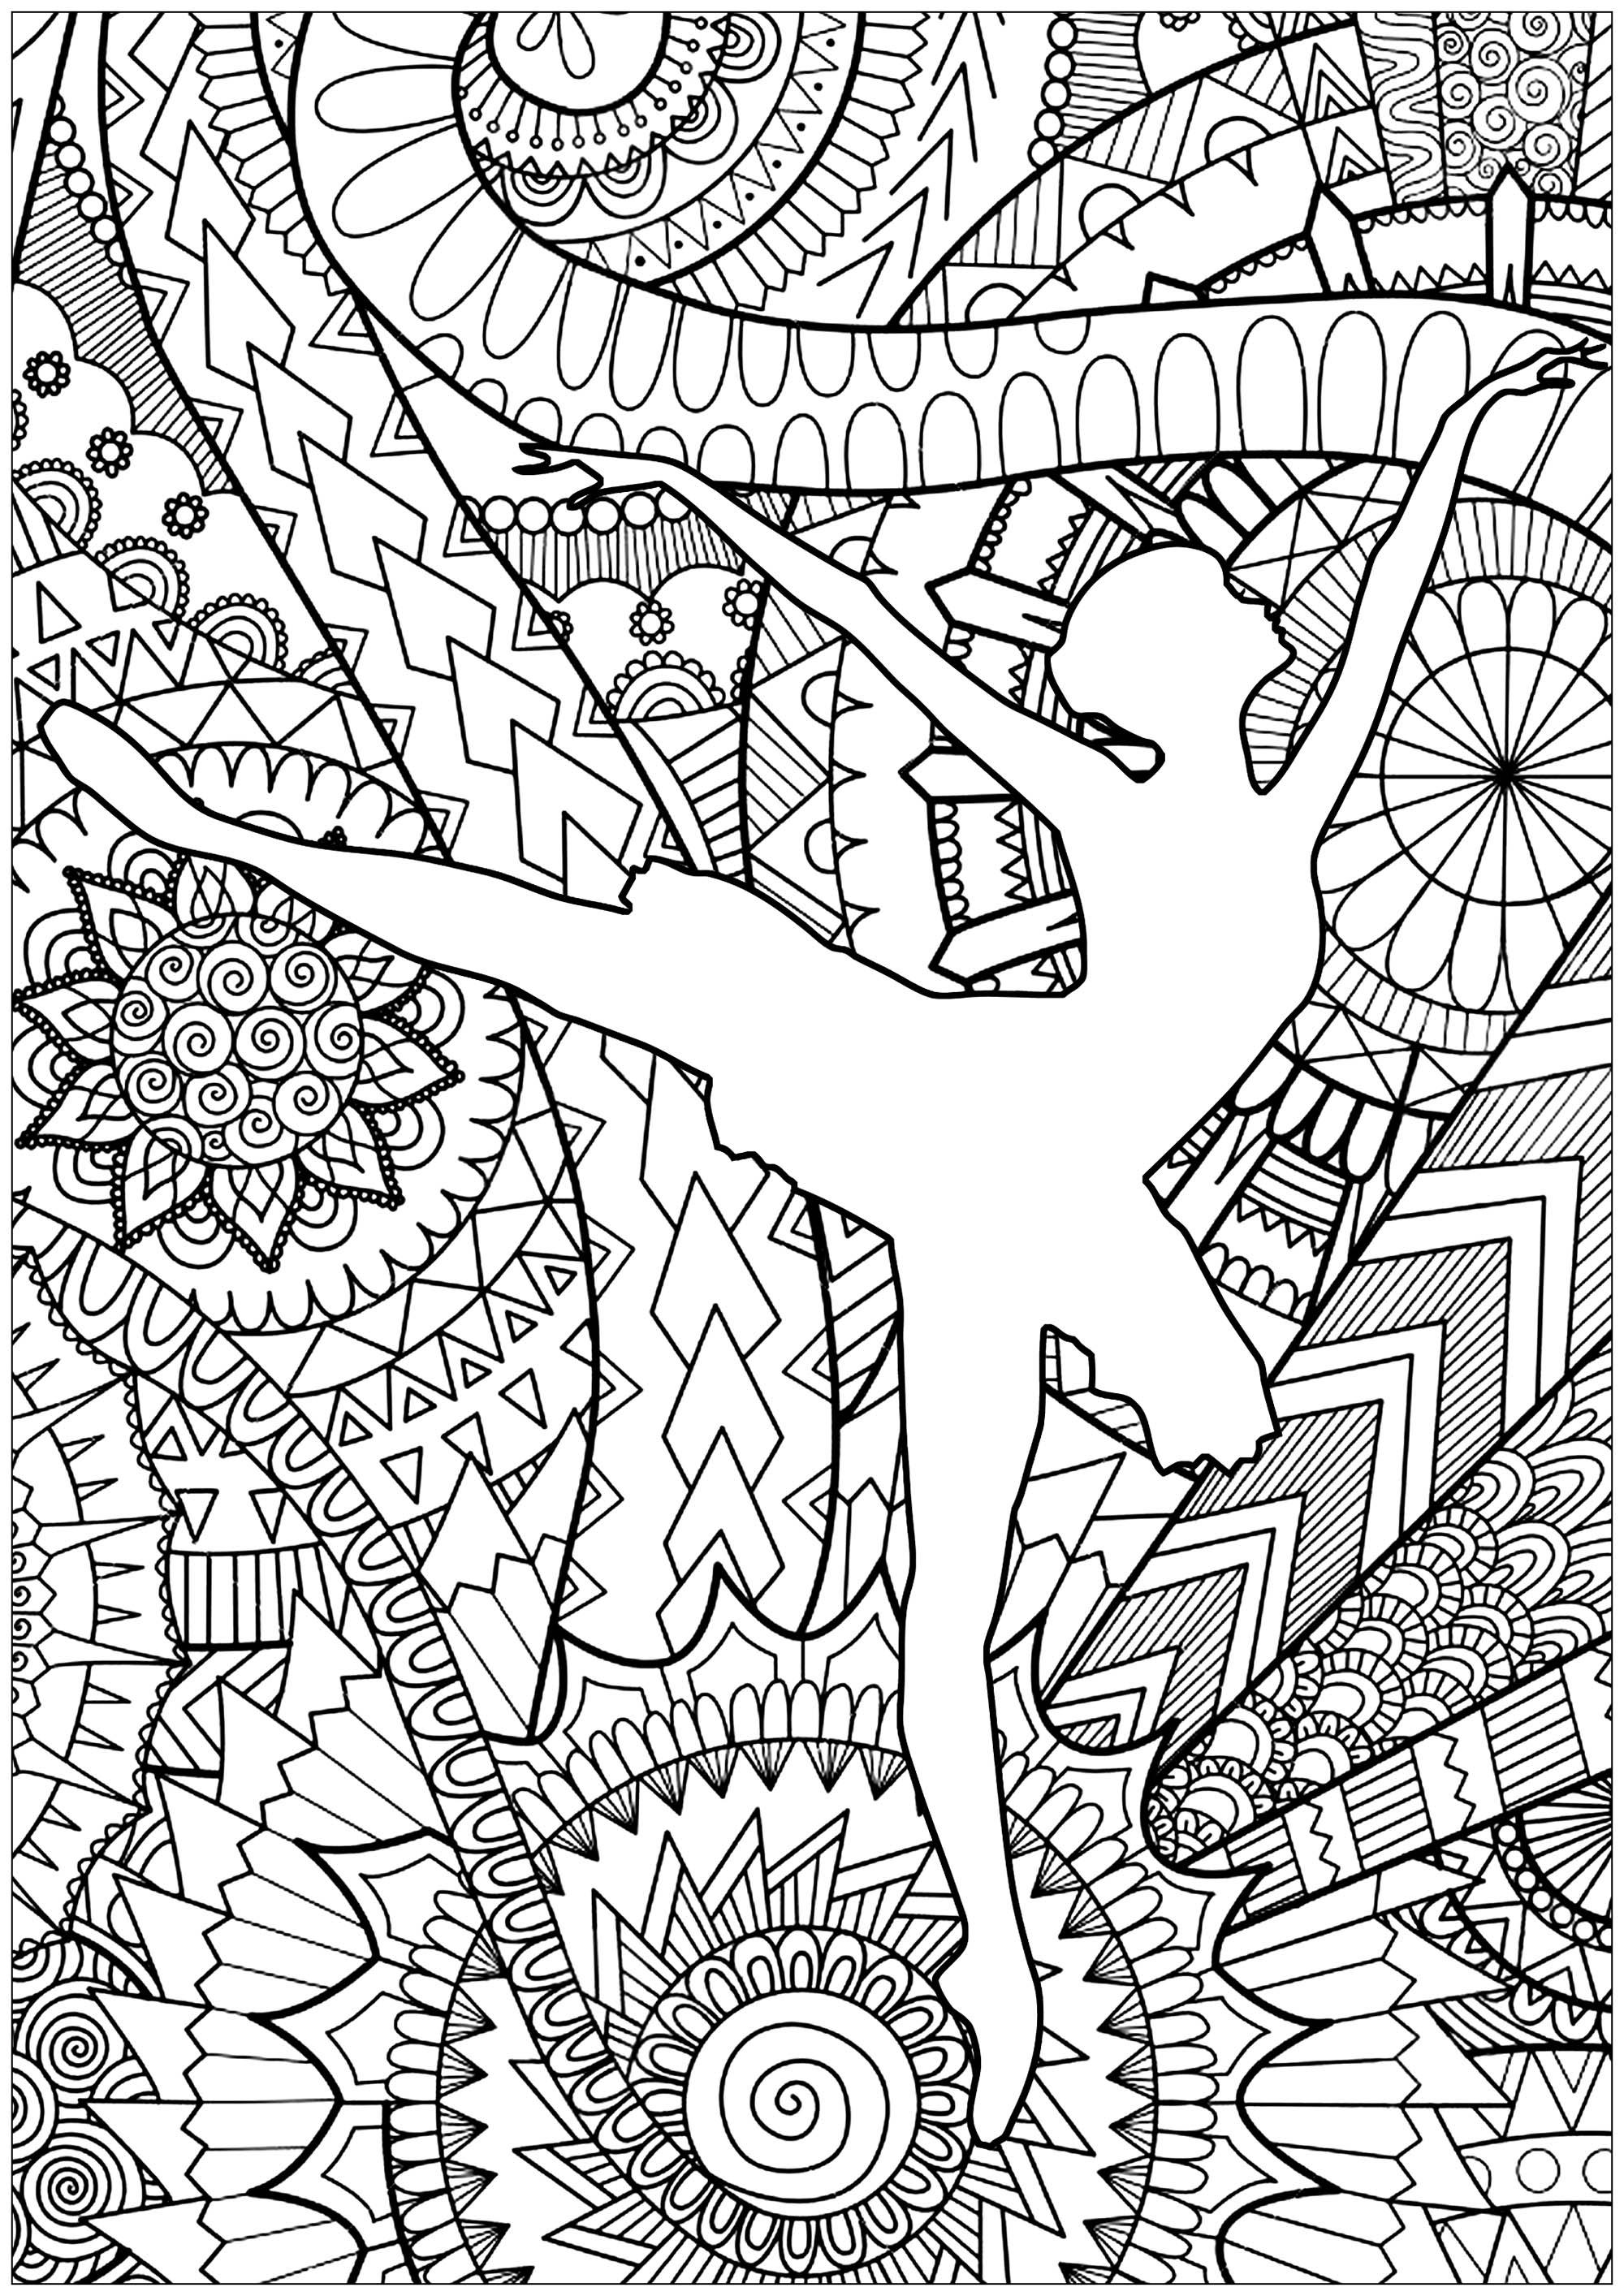 Ballet Dancer - Anti Stress Adult Coloring Pages intérieur Coloriage Zen